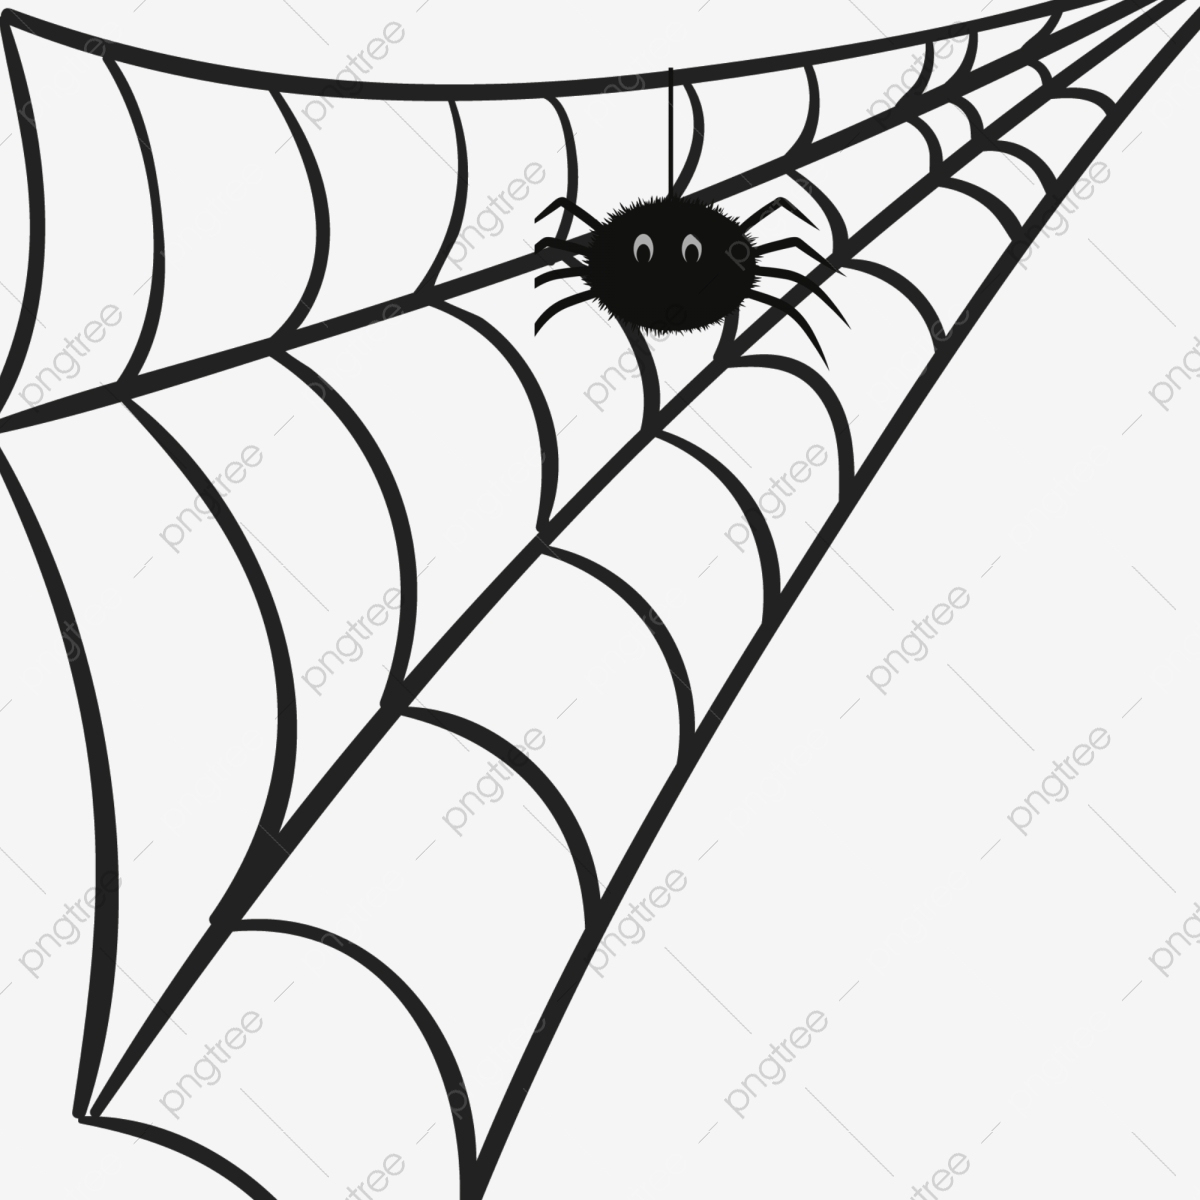 La Toile D'araignée Réseau Araignée De Dessin D'image De concernant Toile D Araignée Dessin